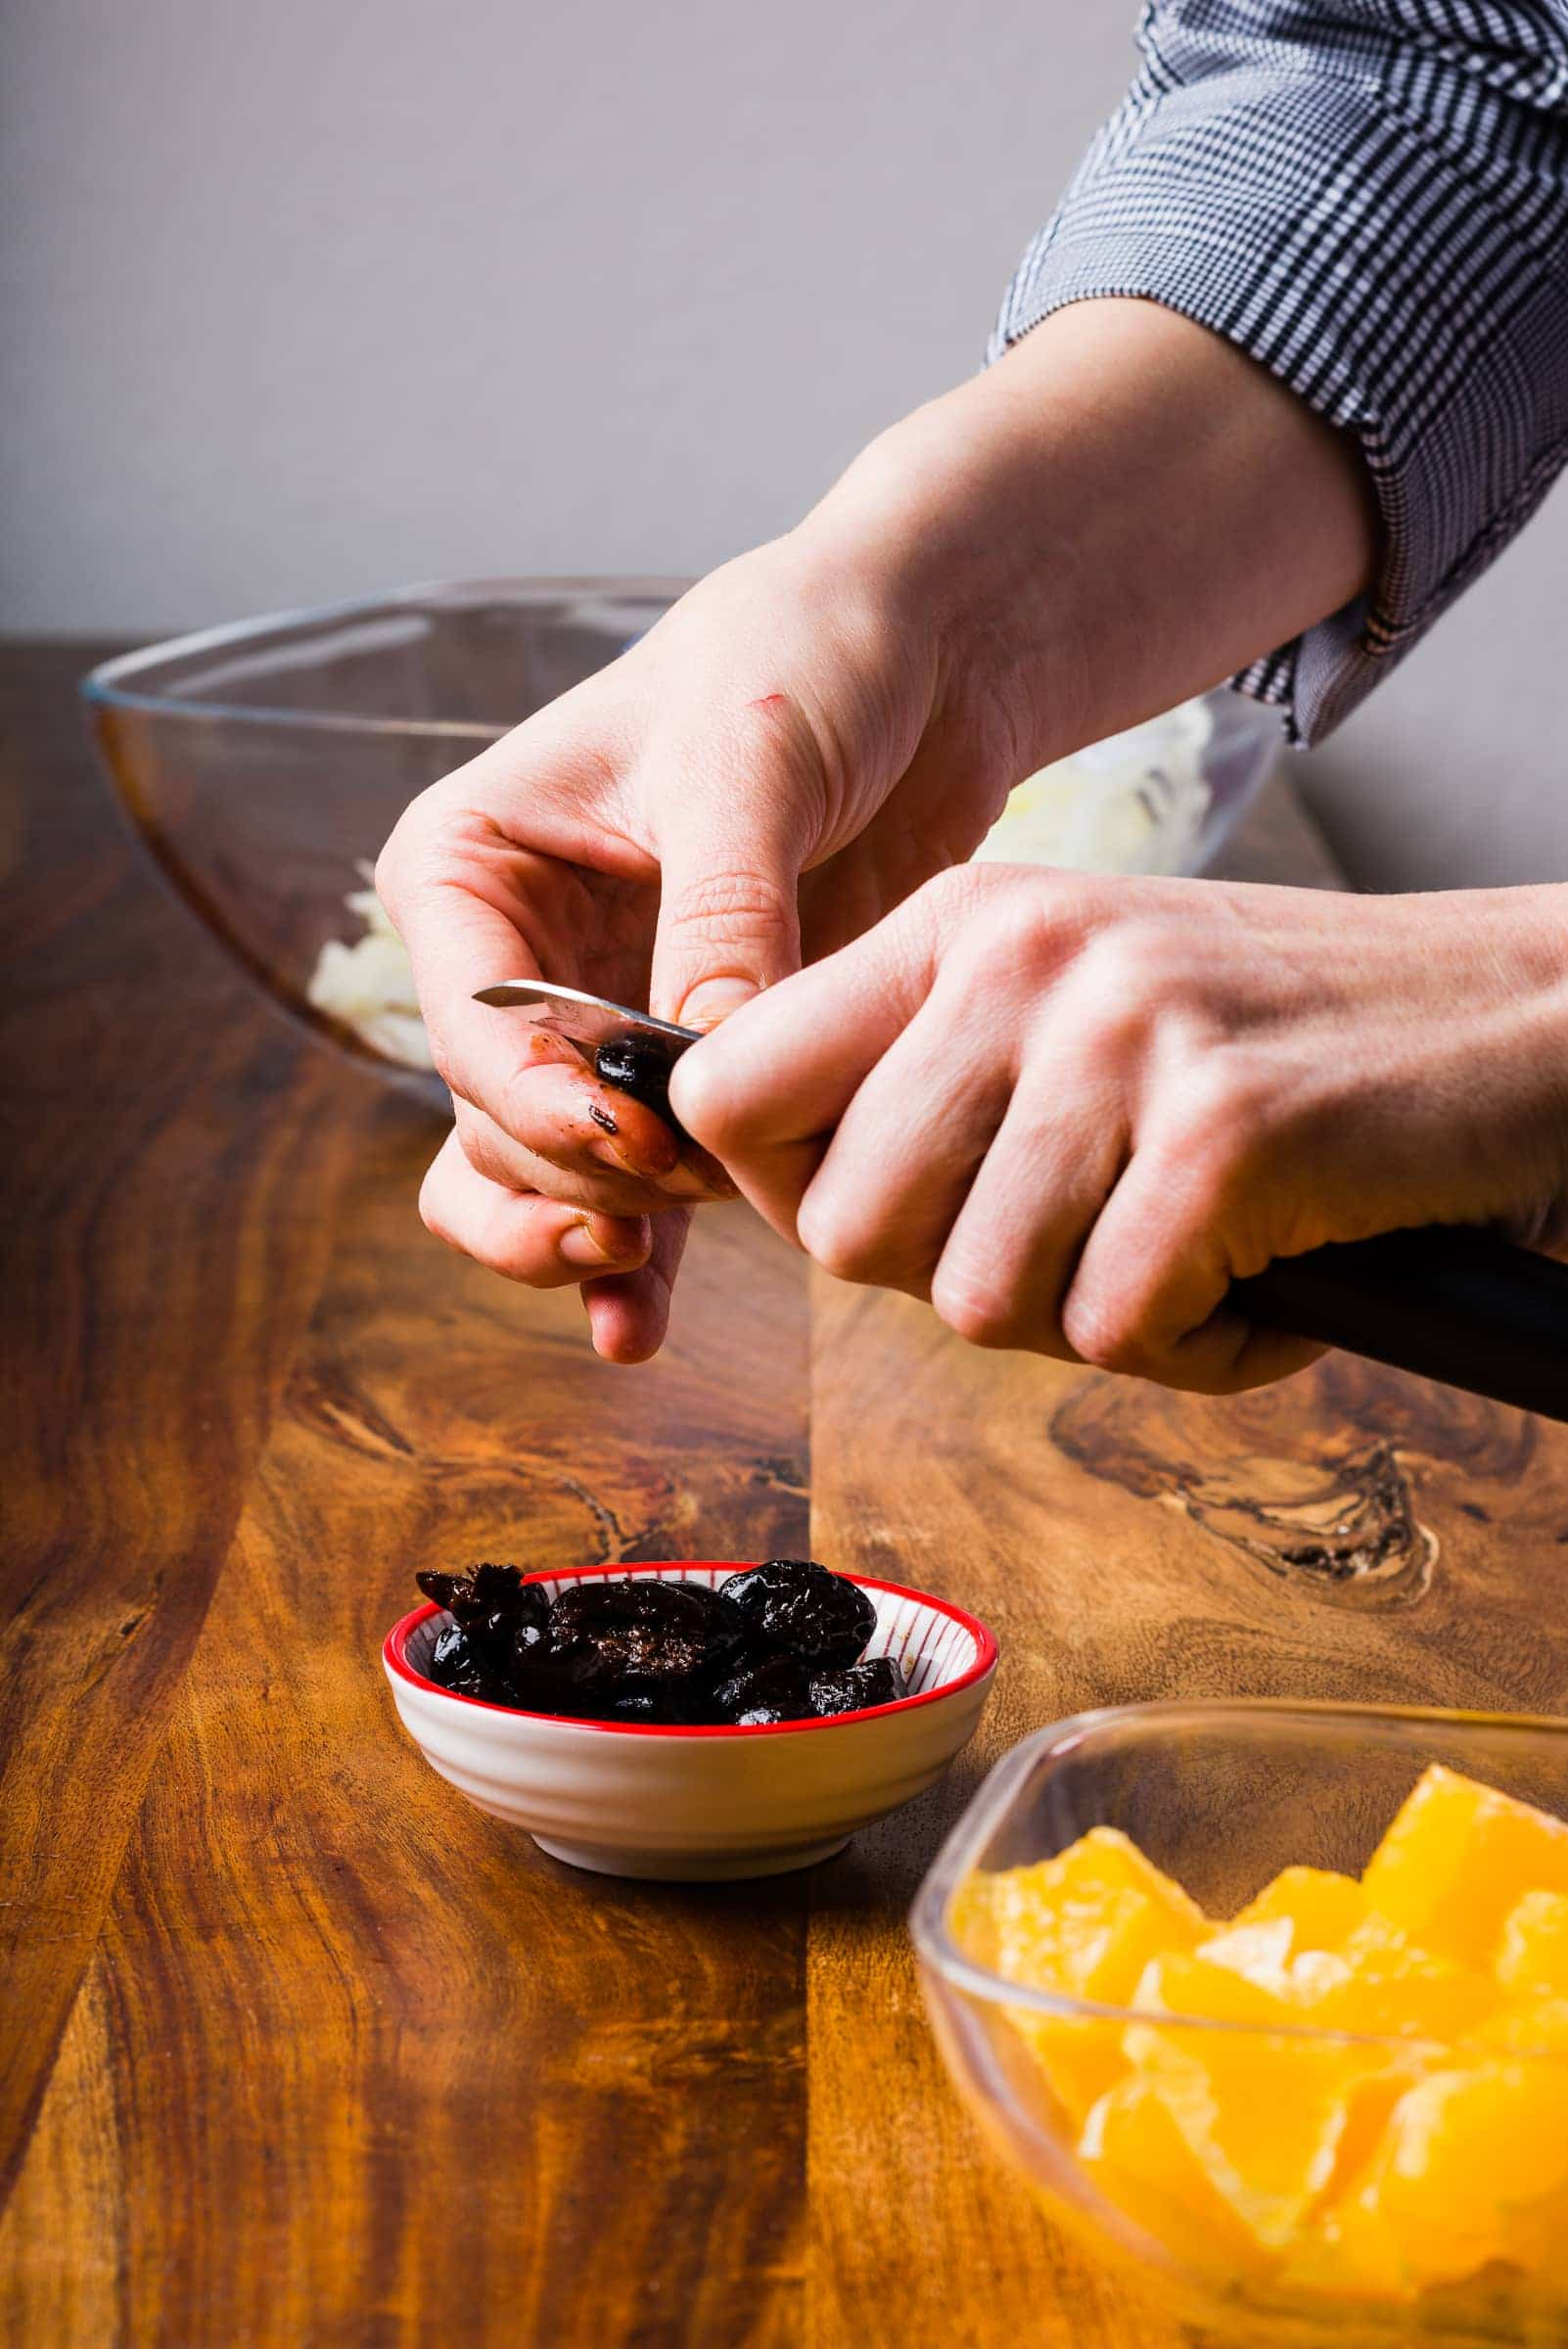 Insalata di finocchi arance olive nere preparazione 06